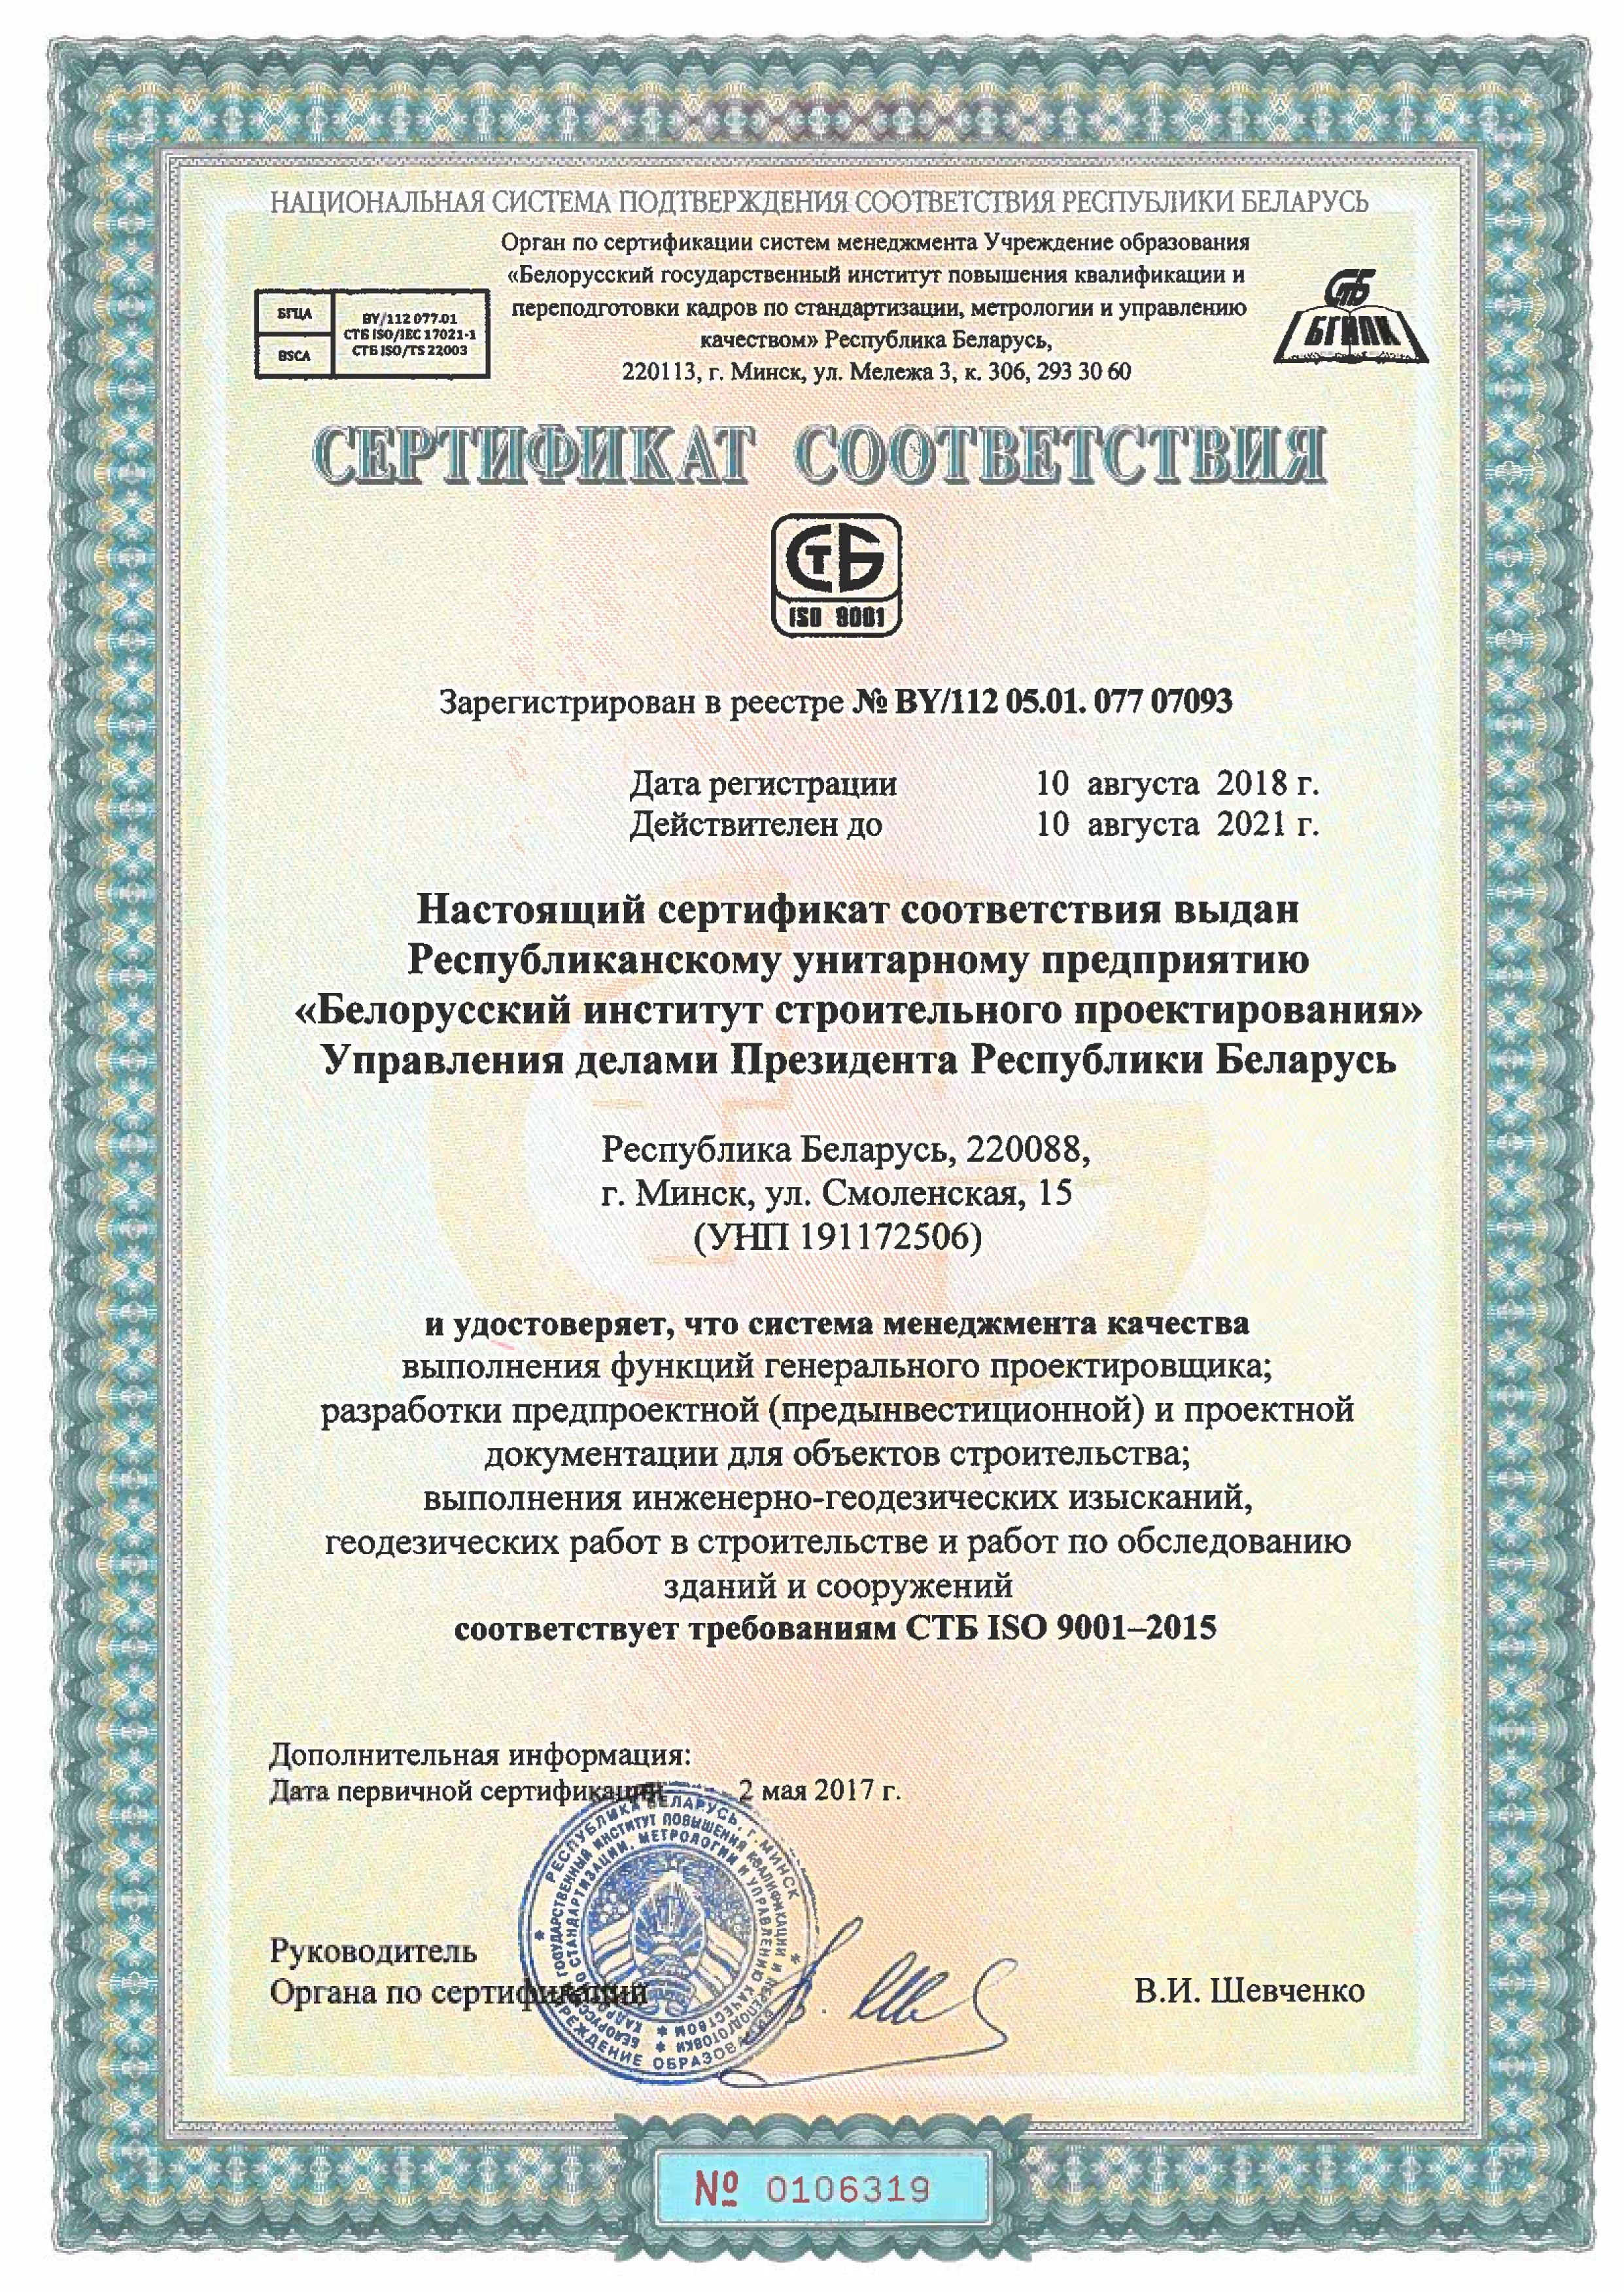 Сертификат соответствия требованиям СТБ ISO 9001-2015-min